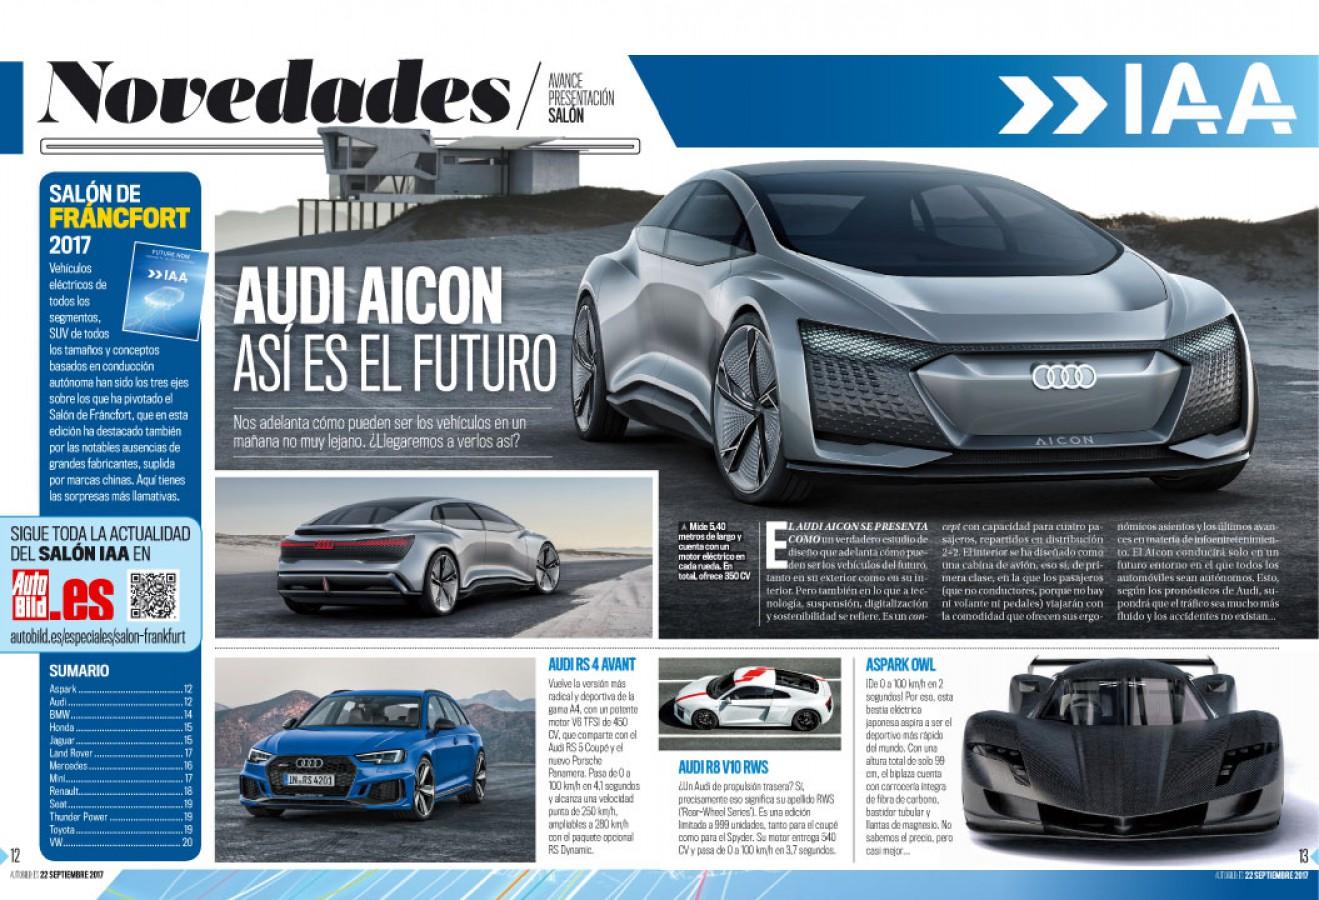 Revista AUTO BILD 542